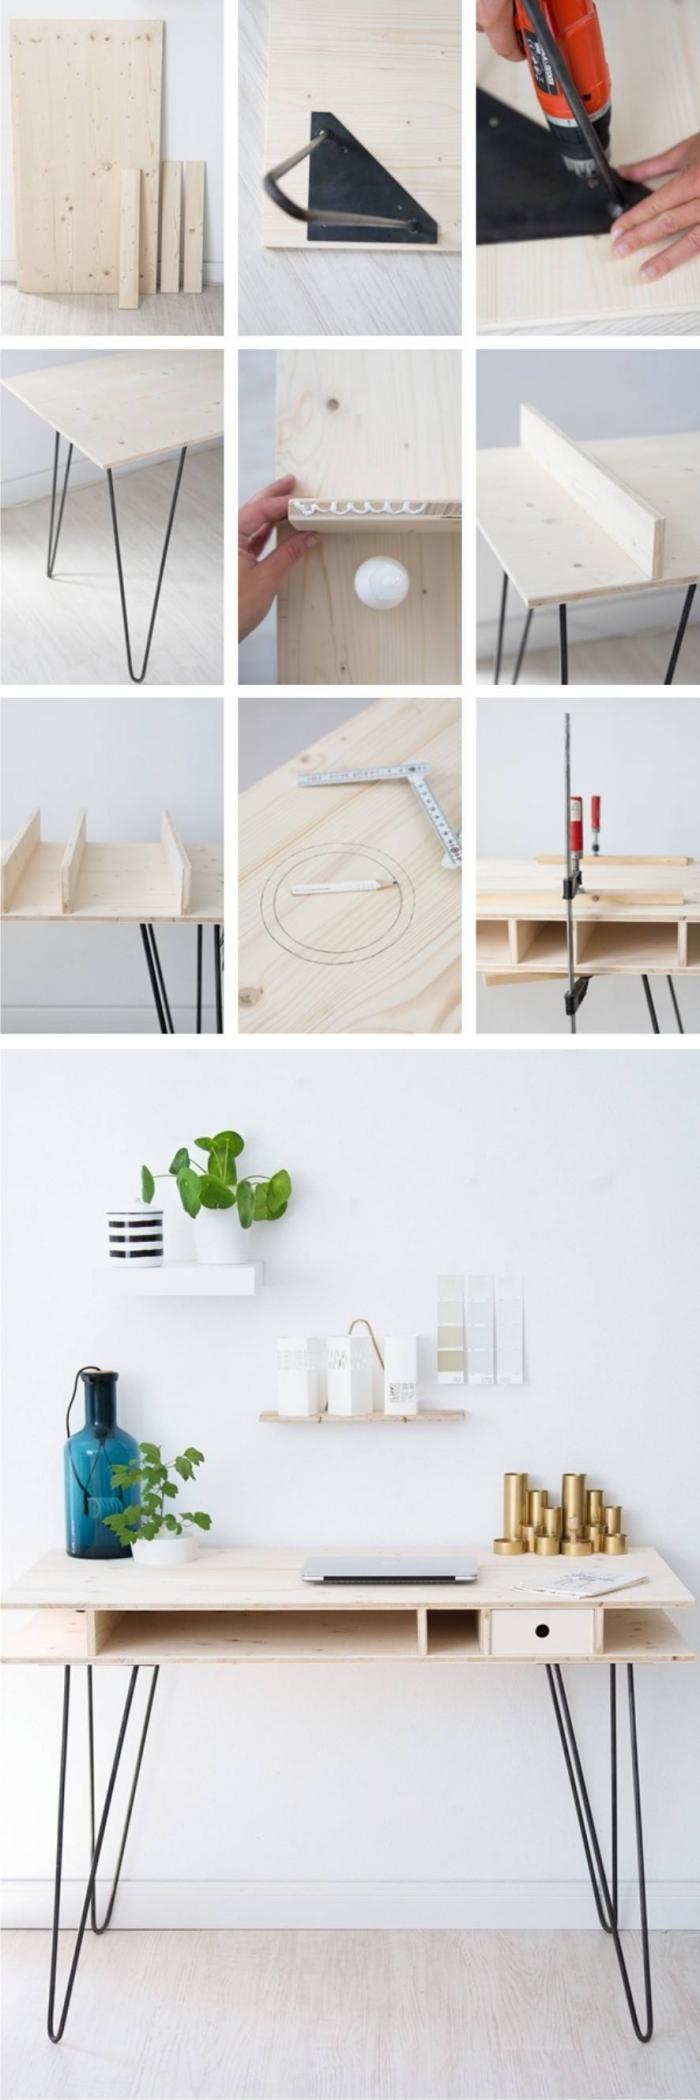 étapes à suivre pour réaliser un diy bureau en bois avec pieds en métal noirci, tutoriel bricolage de bureau moderne